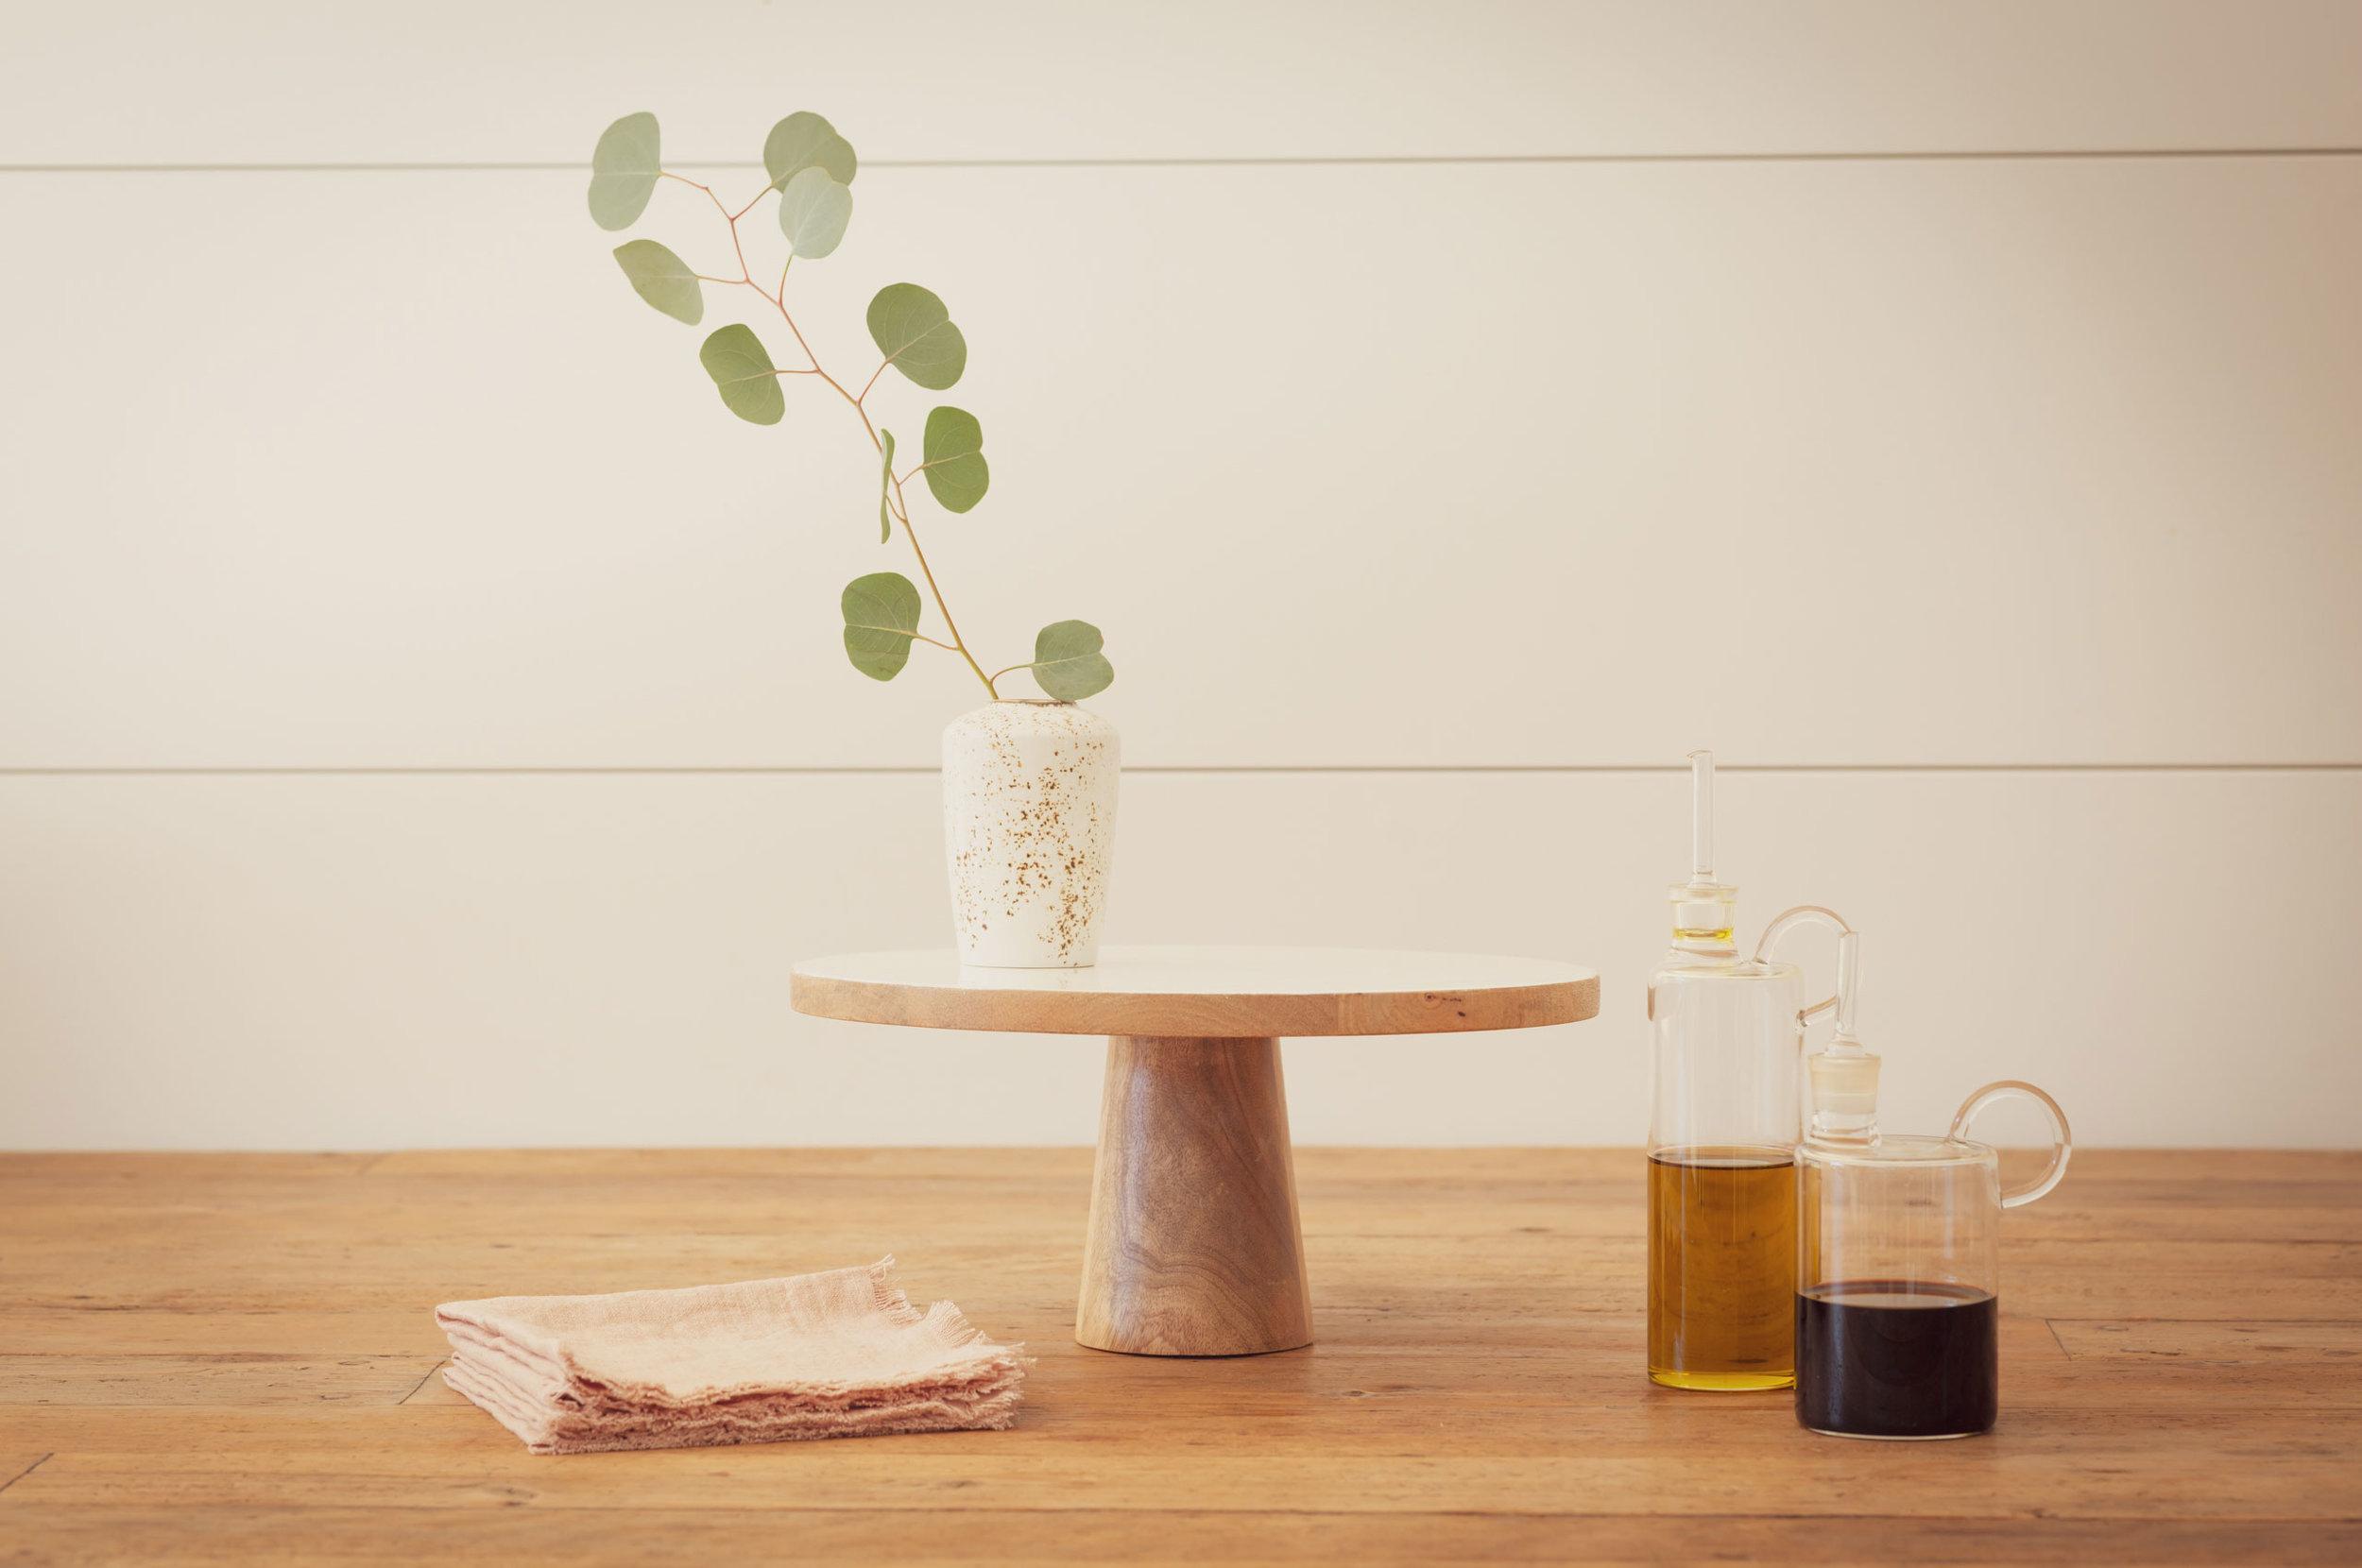 Spring Refresh   ::  Enamel Topped Wood Cake Plate :: Italian Glass Olive Oil Dispenser :: Italian Glass Vinegar Dispenser :: Craft Ceramic Bud Vase :: Blush Linen Cocktail Napkins